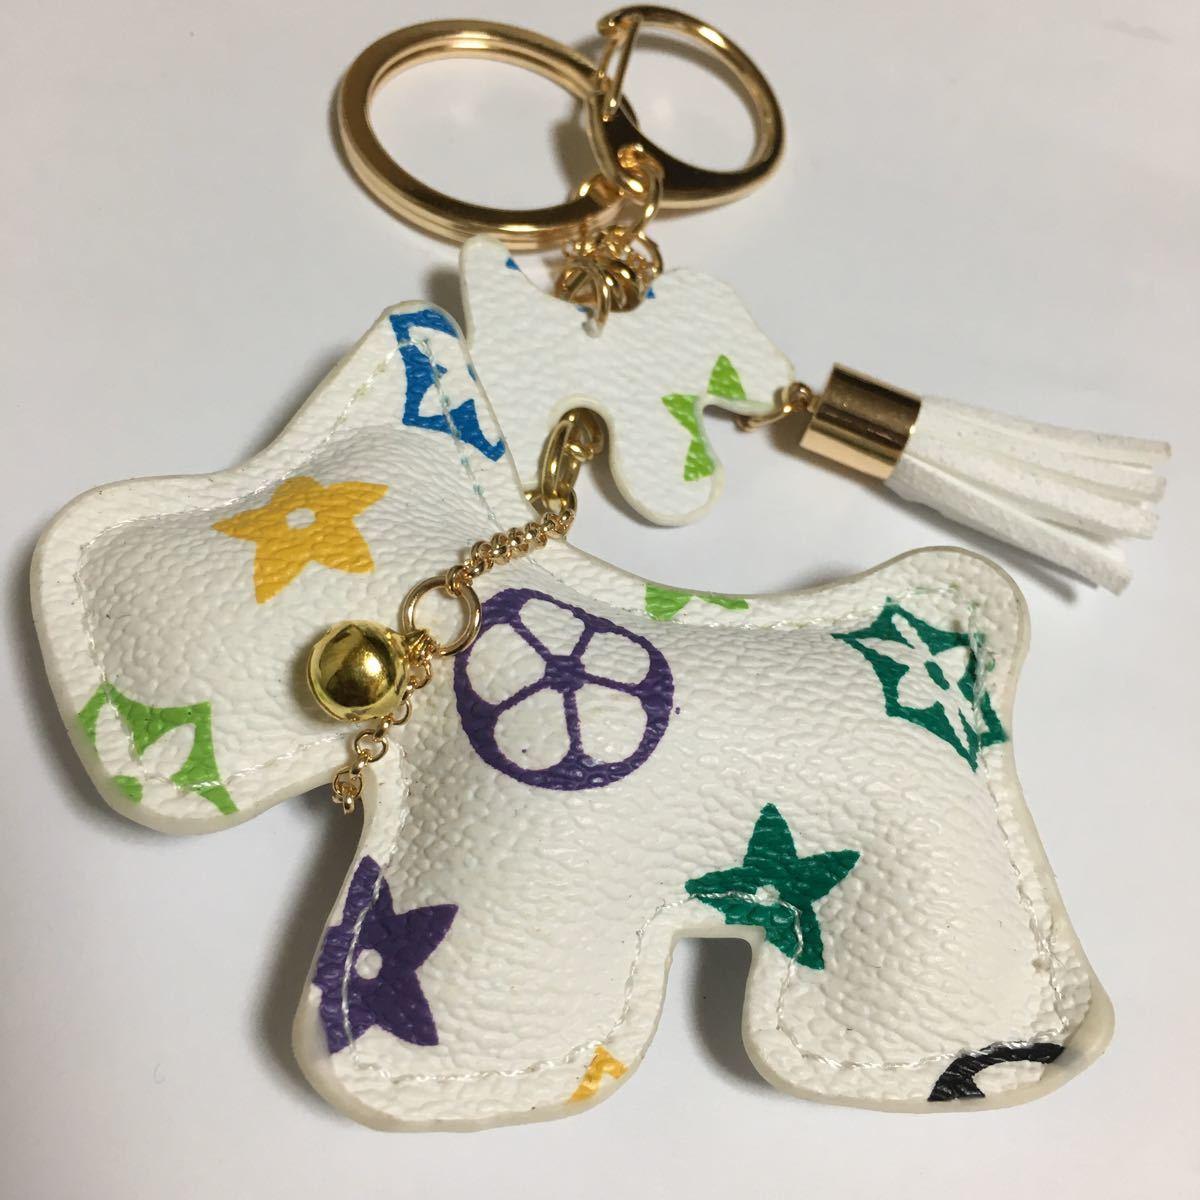 新品PUレザー犬のキーホルダー/ホワイトフラワー/キーリング/キーチェーン/チャーム